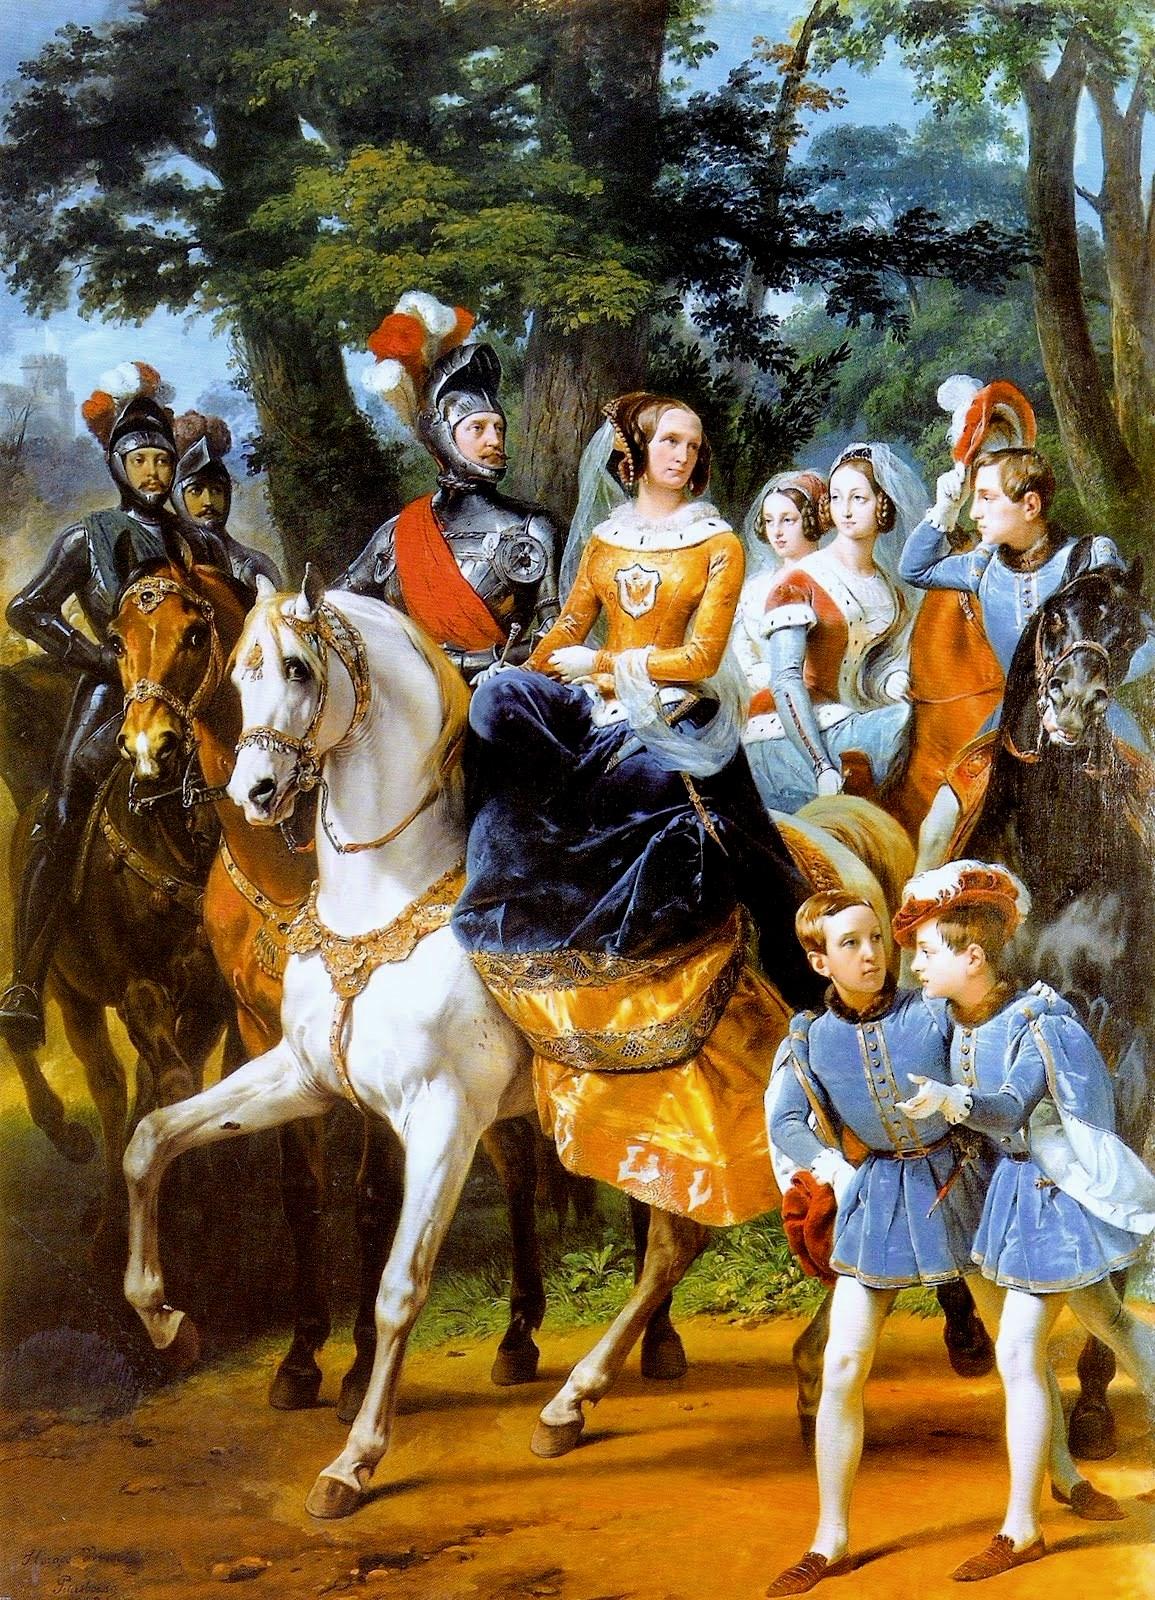 https://upload.wikimedia.org/wikipedia/commons/8/88/Carousel_of_Tsarskoe_Selo_by_H.Vernet_%281842%29.jpg